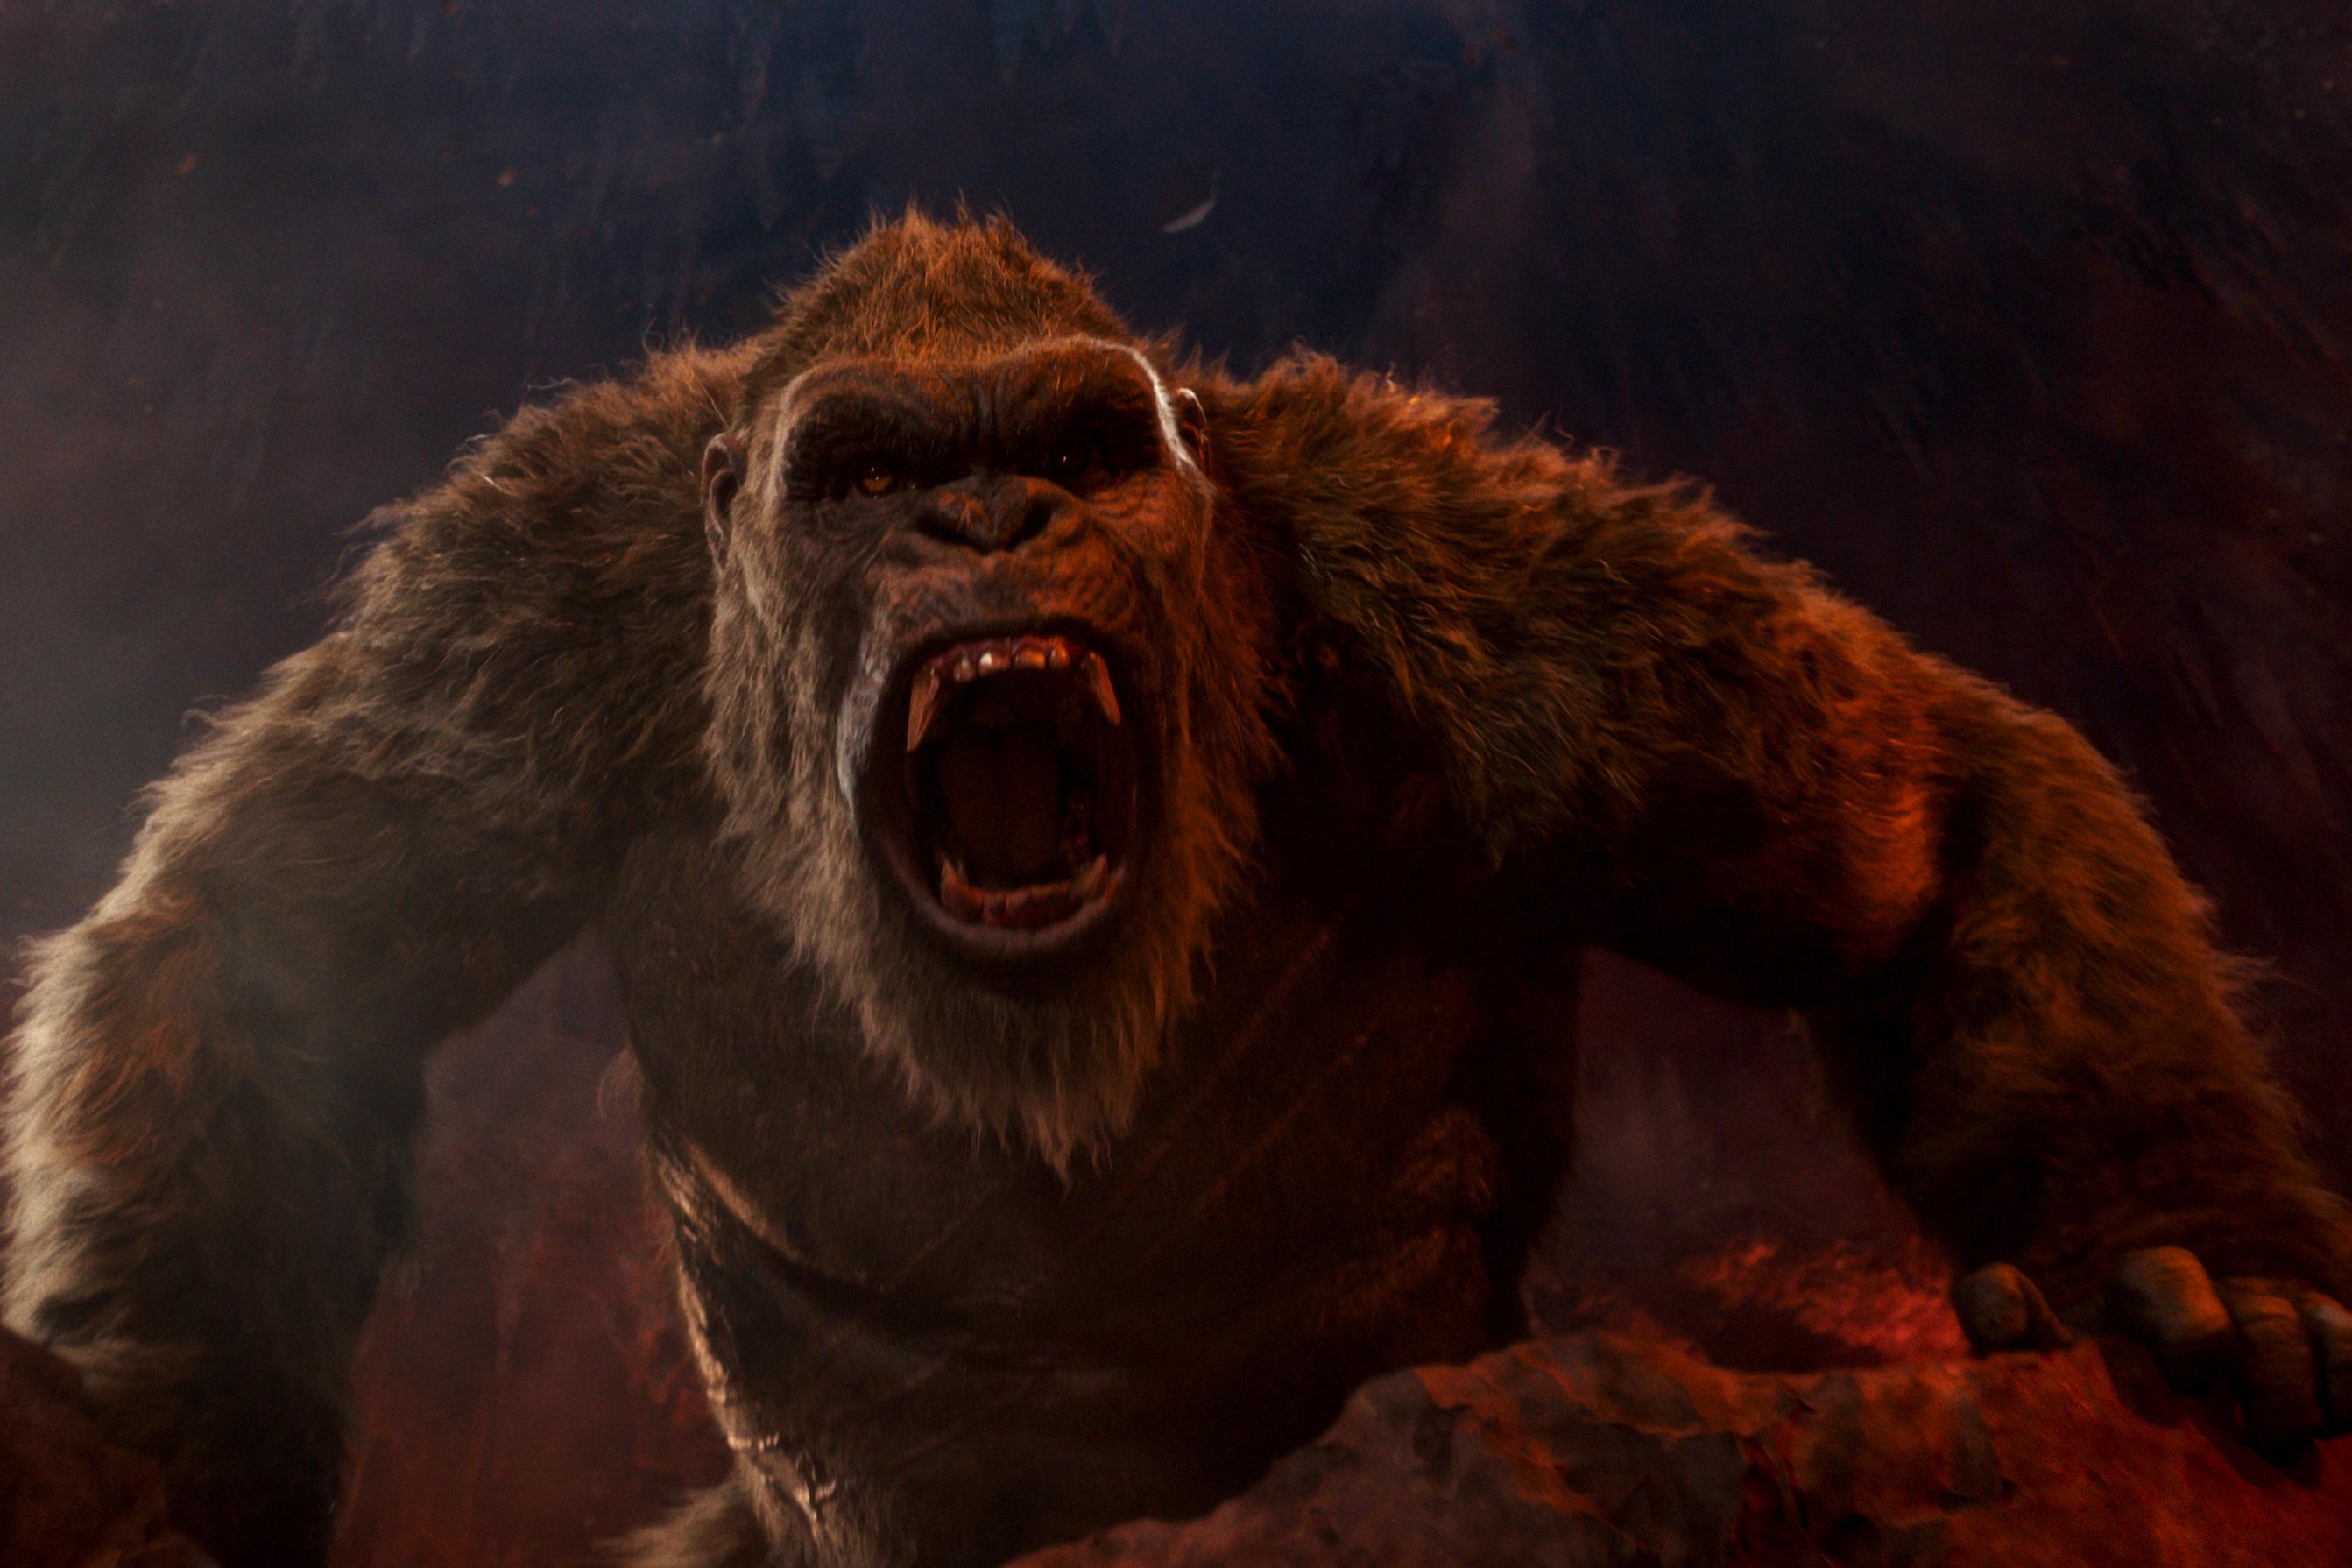 Still 2 for Godzilla vs Kong